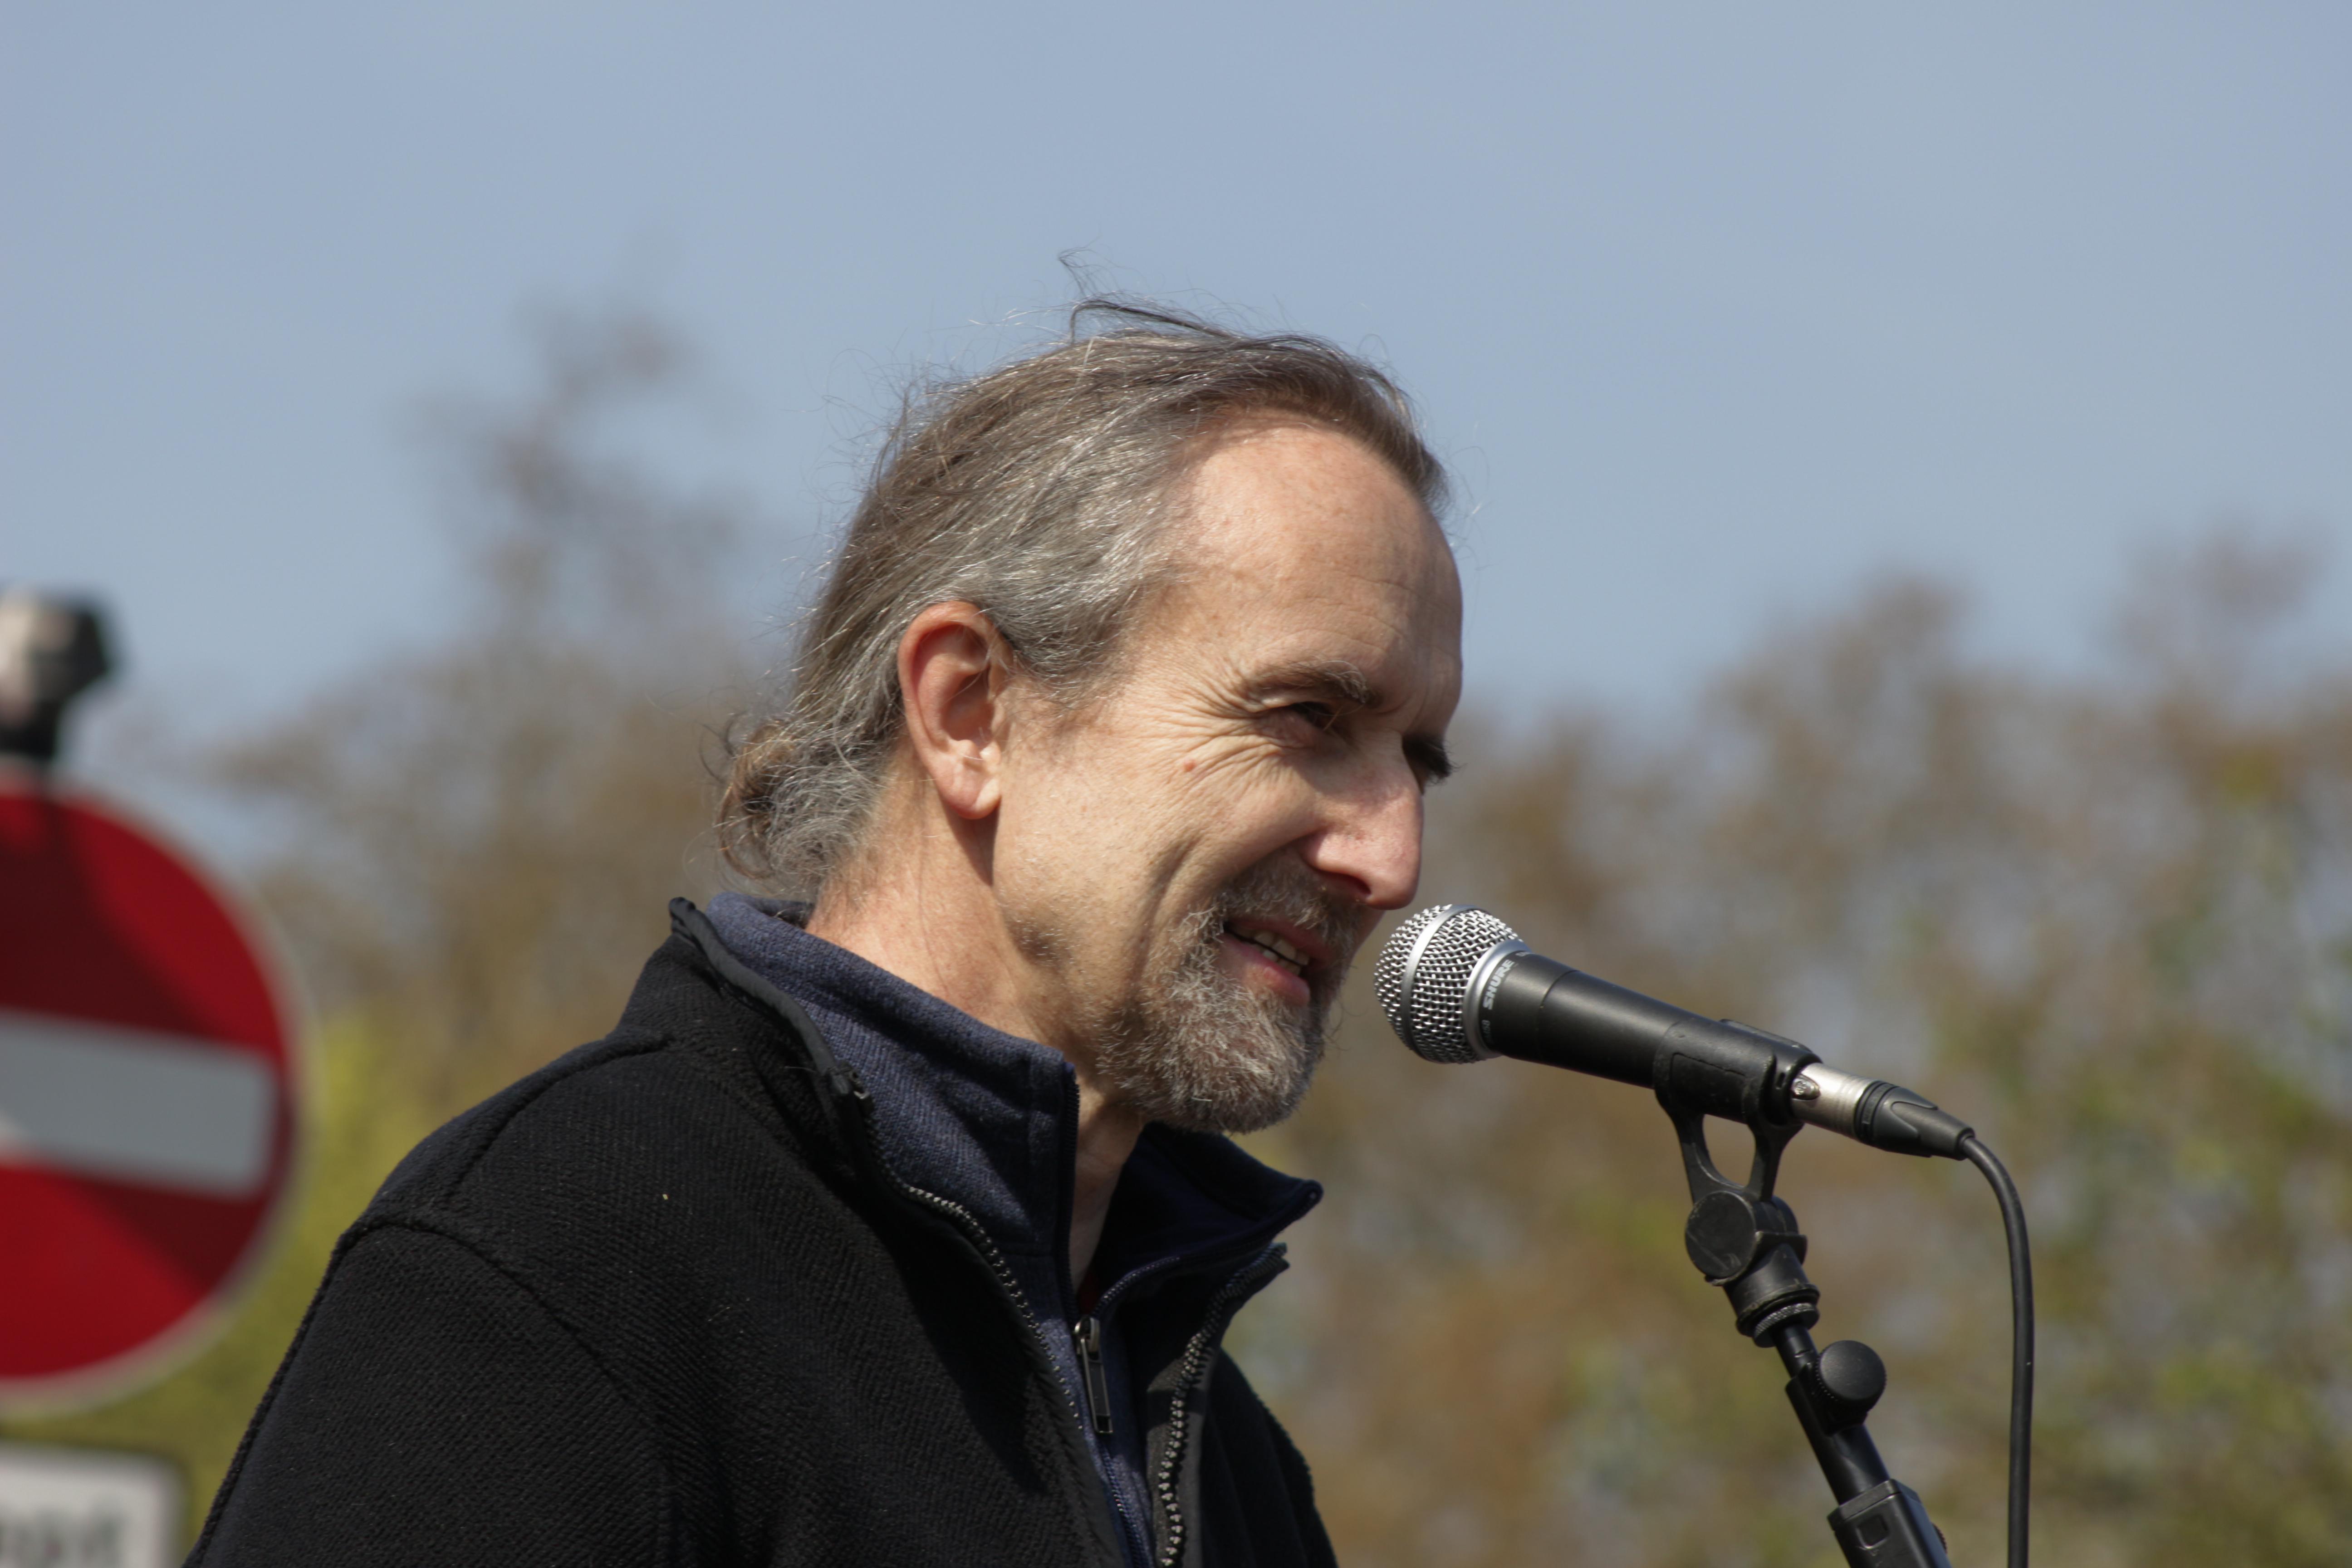 Le co-fondateur d'Extinction Rebellion minimise l'Holocauste